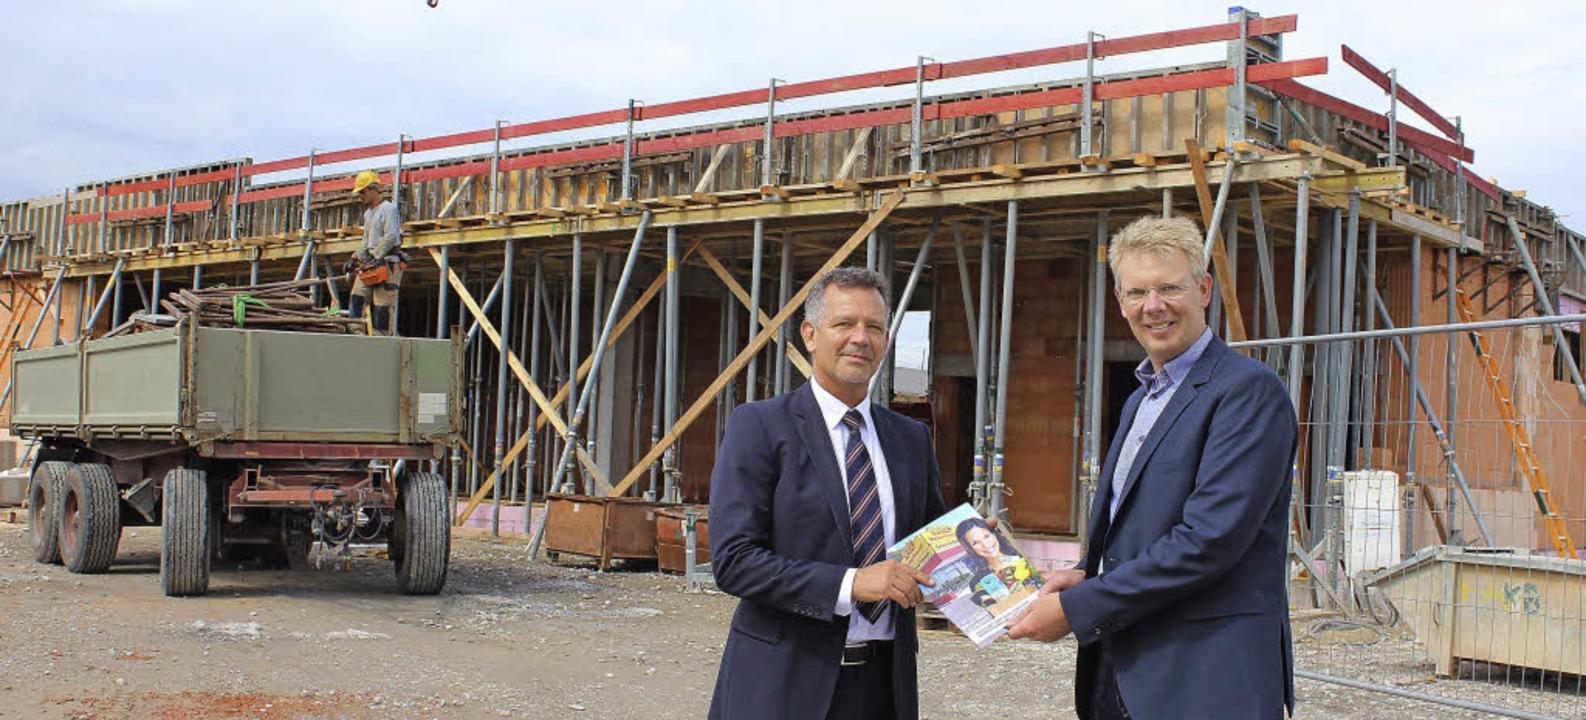 Gebietsleiter Freddy Hitz (links) info...tand der Bauarbeiten  am Netto-Markt.   | Foto: Mario Schöneberg